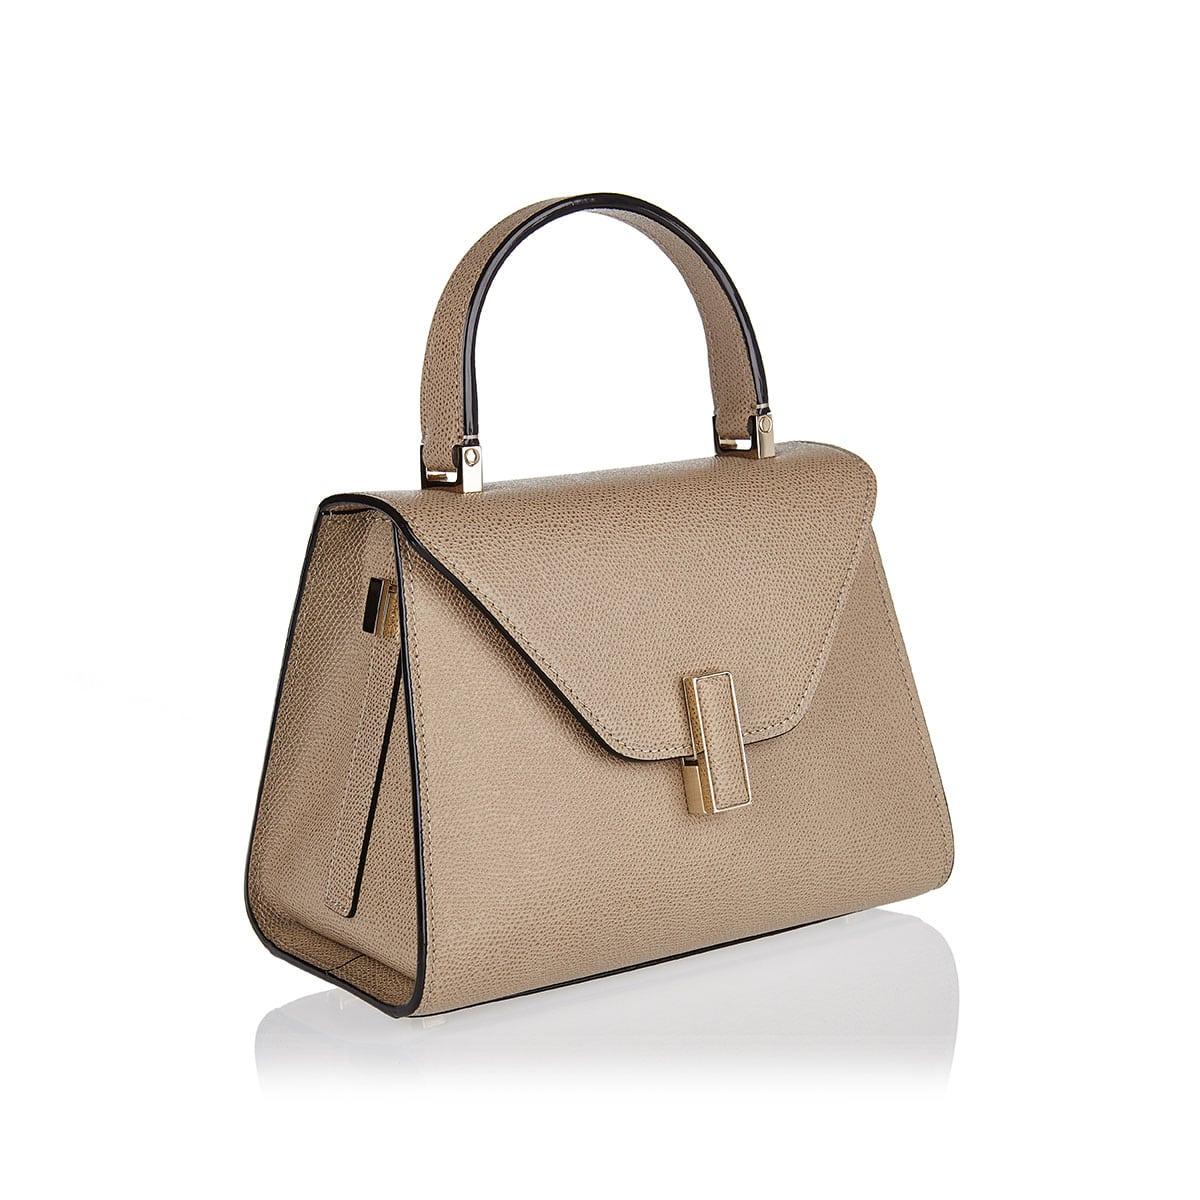 Iside Gioiello mini bag